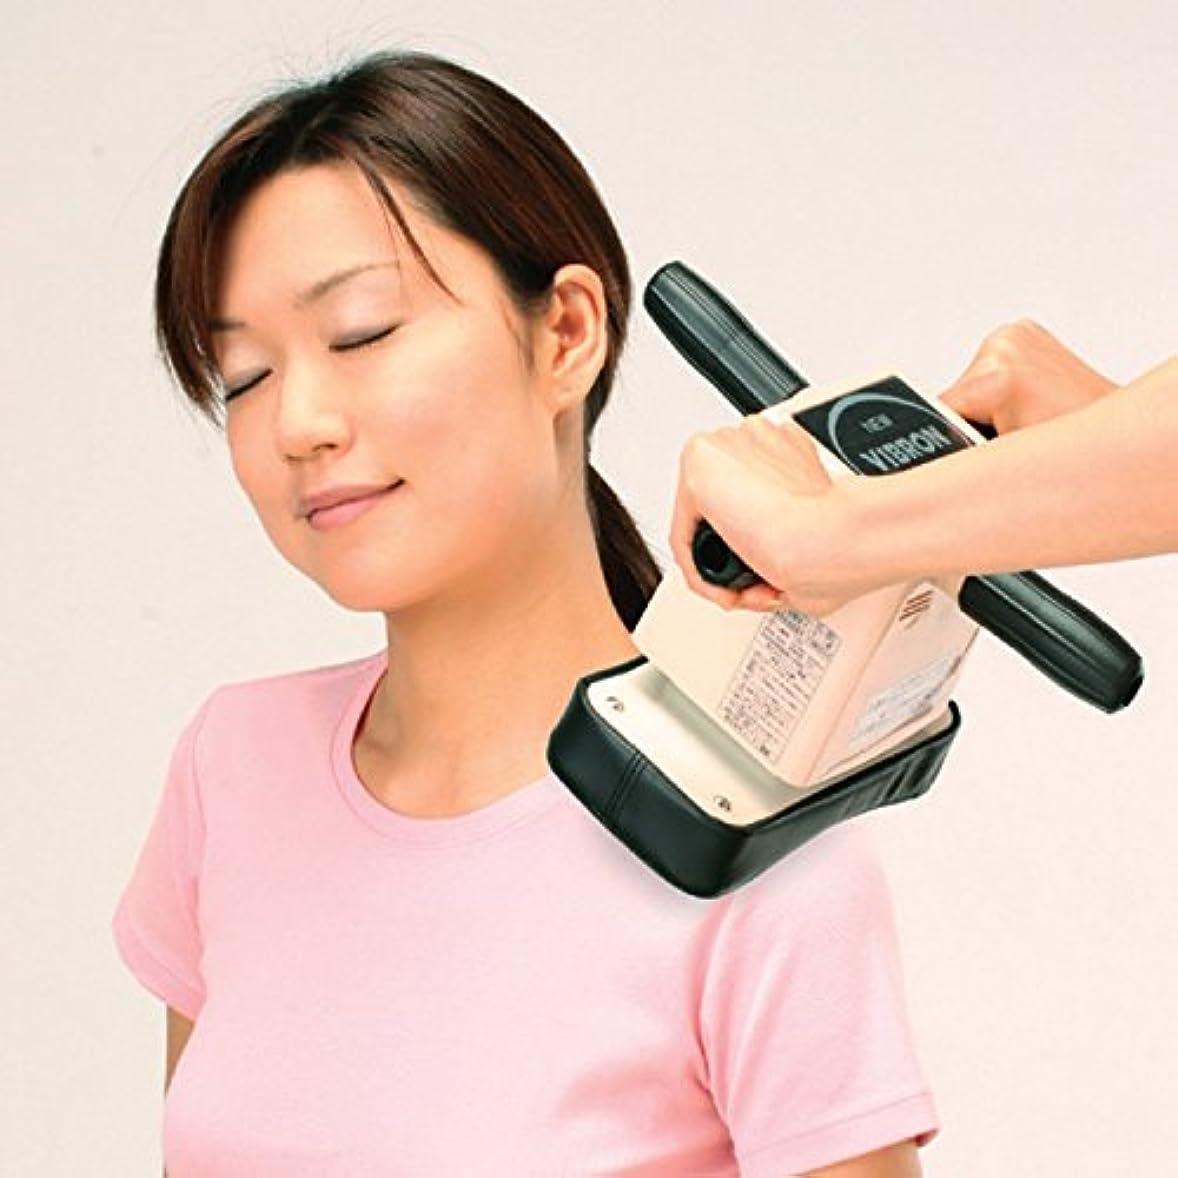 極地以降スーダンマッサージ器 電動 家庭用 按摩器 小型 日本製 【首?腰?足?ふくろはぎ?肩こりに】